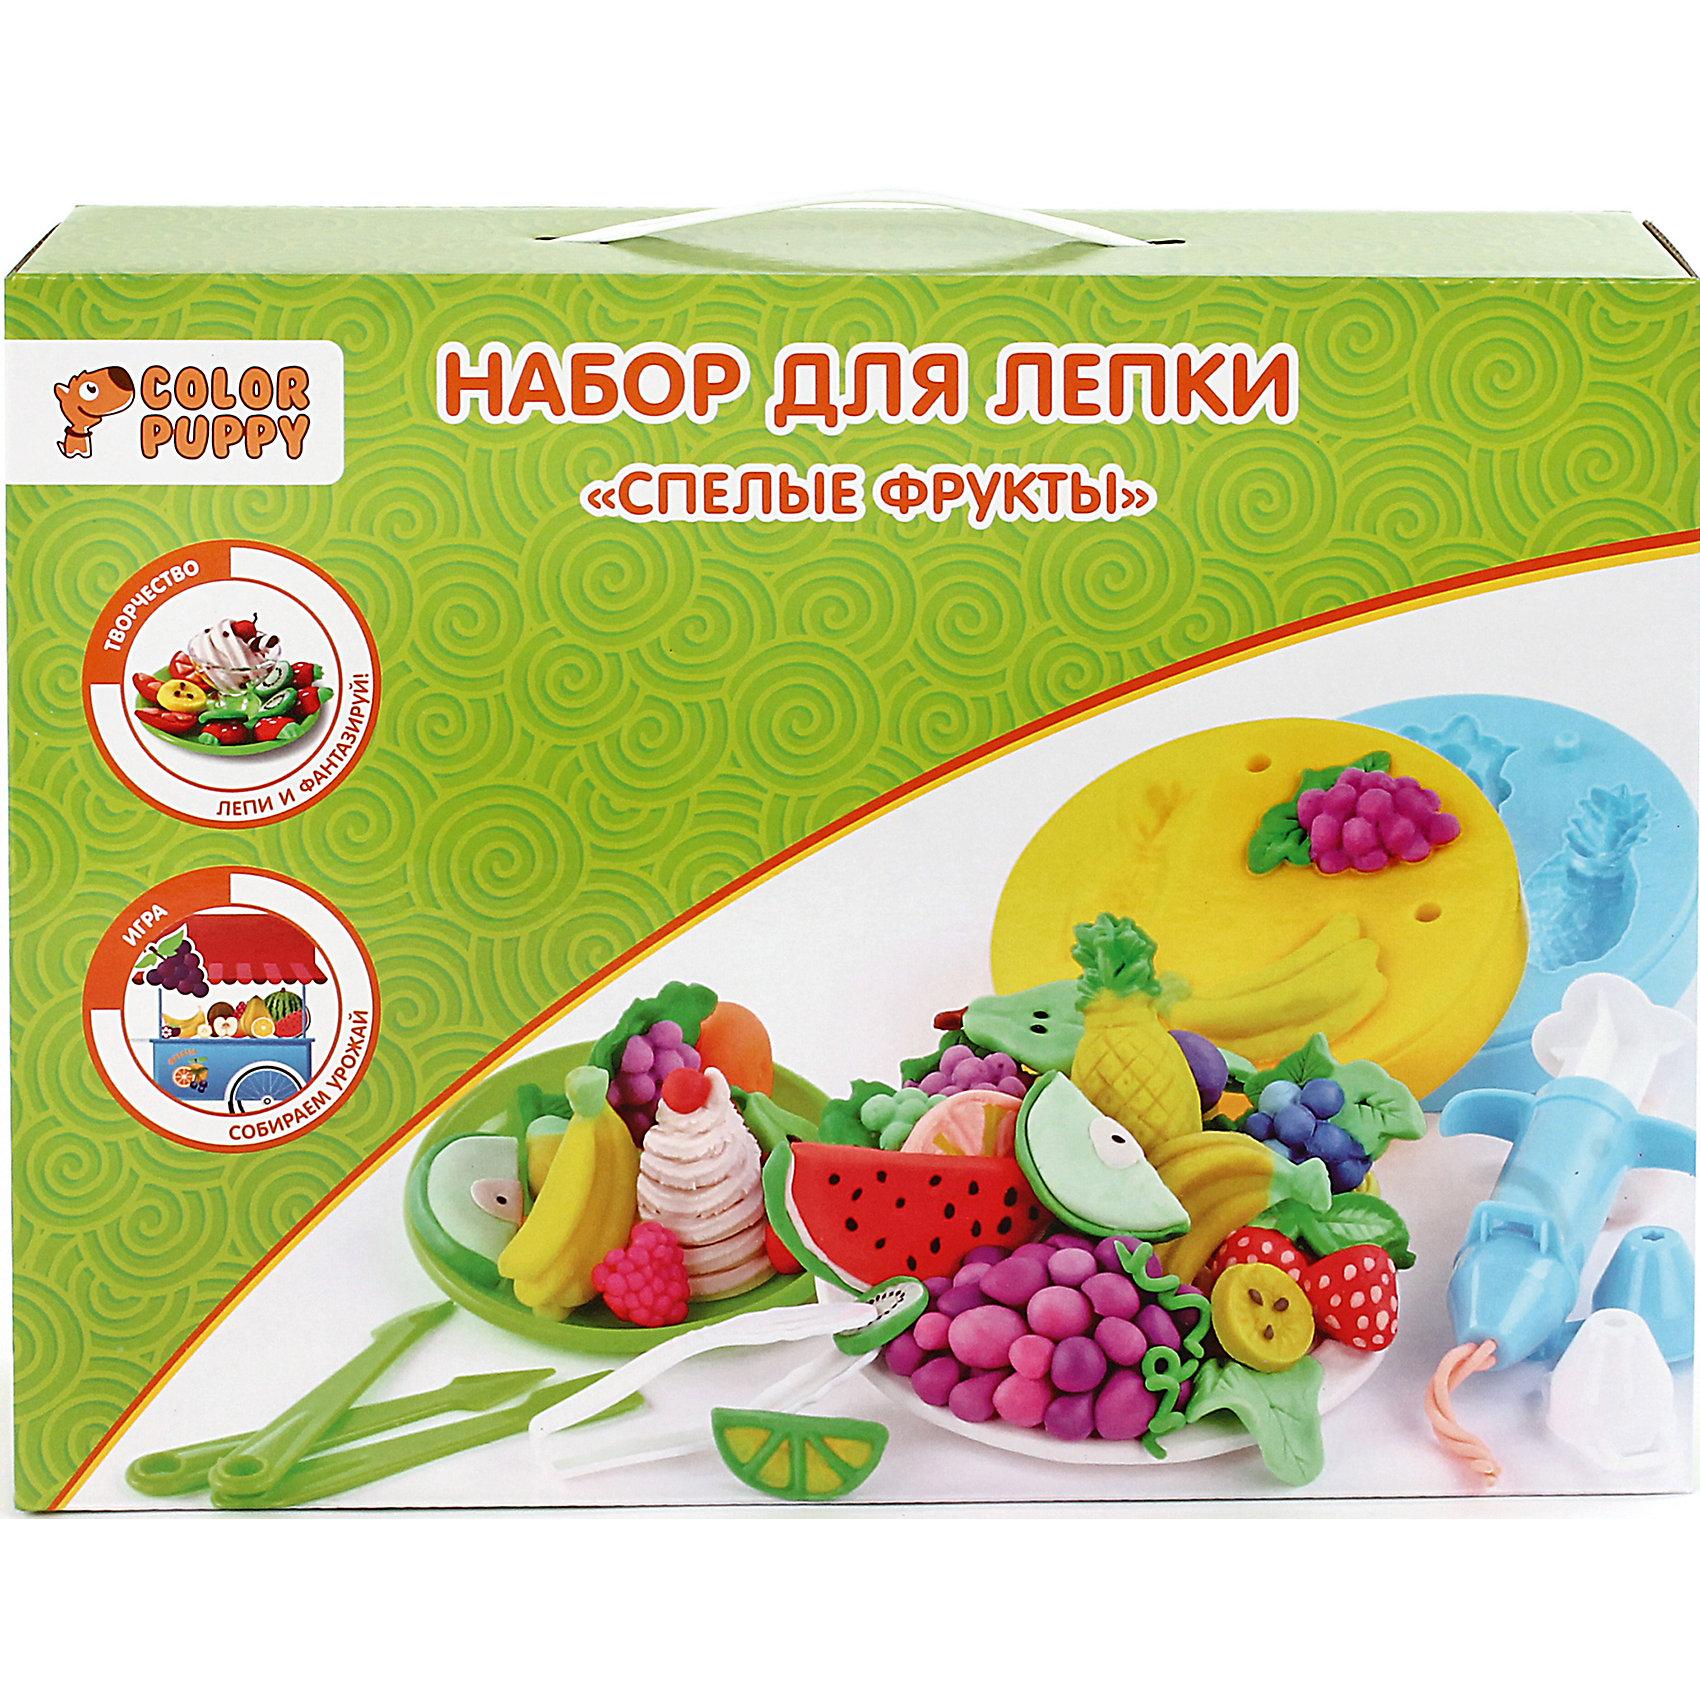 Набор для лепки Спелые фрукты, тесто 240 гНабор для лепки Спелые фрукты. Выбери цвет теста и выложи в формы. Если хочешь получить объемные фигуры, то совмести две одинаковые формы. Получатся спелые фрукты и ягоды! Тесто для лепки имеет в составе пищевые ингредиенты: муку, соль, воду, пищевые красители. Безопасное для детей. Не прилипает к рукам, одежде, поверхностям. Очень мягкое и пластичное. Без ароматизаторов. Подходит для начинающих маленьких скульпторов. Занятие лепкой способствует воспитанию усидчивости, развивает пространственное мышление, фантазию и мелкую моторику рук.<br><br>Ширина мм: 310<br>Глубина мм: 230<br>Высота мм: 80<br>Вес г: 727<br>Возраст от месяцев: 36<br>Возраст до месяцев: 108<br>Пол: Унисекс<br>Возраст: Детский<br>SKU: 5078385